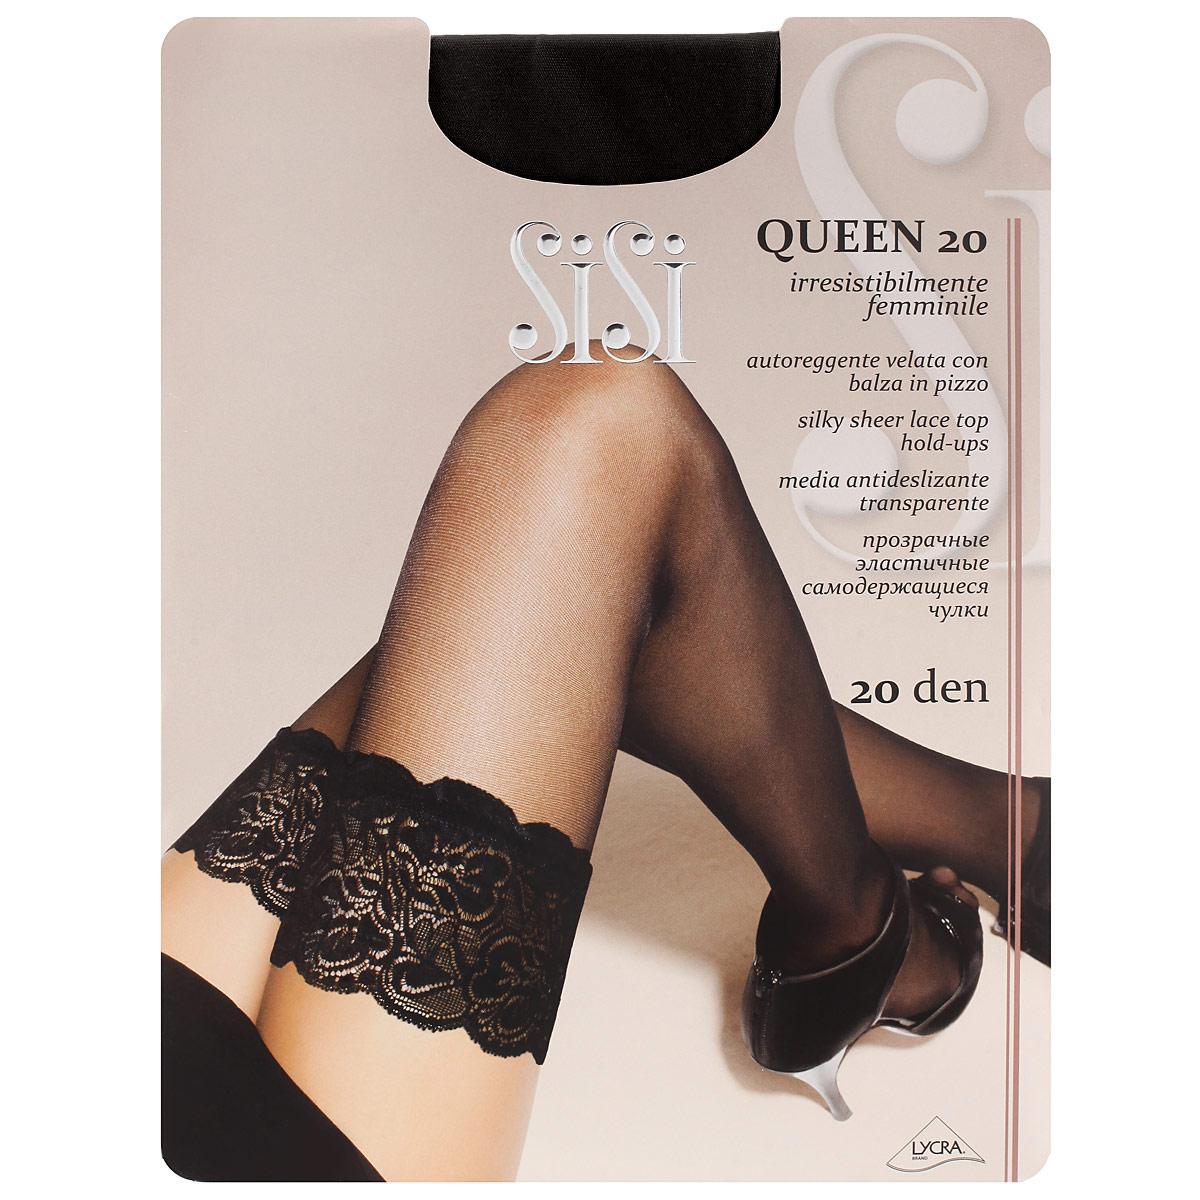 Queen 20 BiancoТонкие прозрачные чулки Sisi Queen 20 с фиксирующей резинкой на силиконовой основе и незаметным усиленным носком.